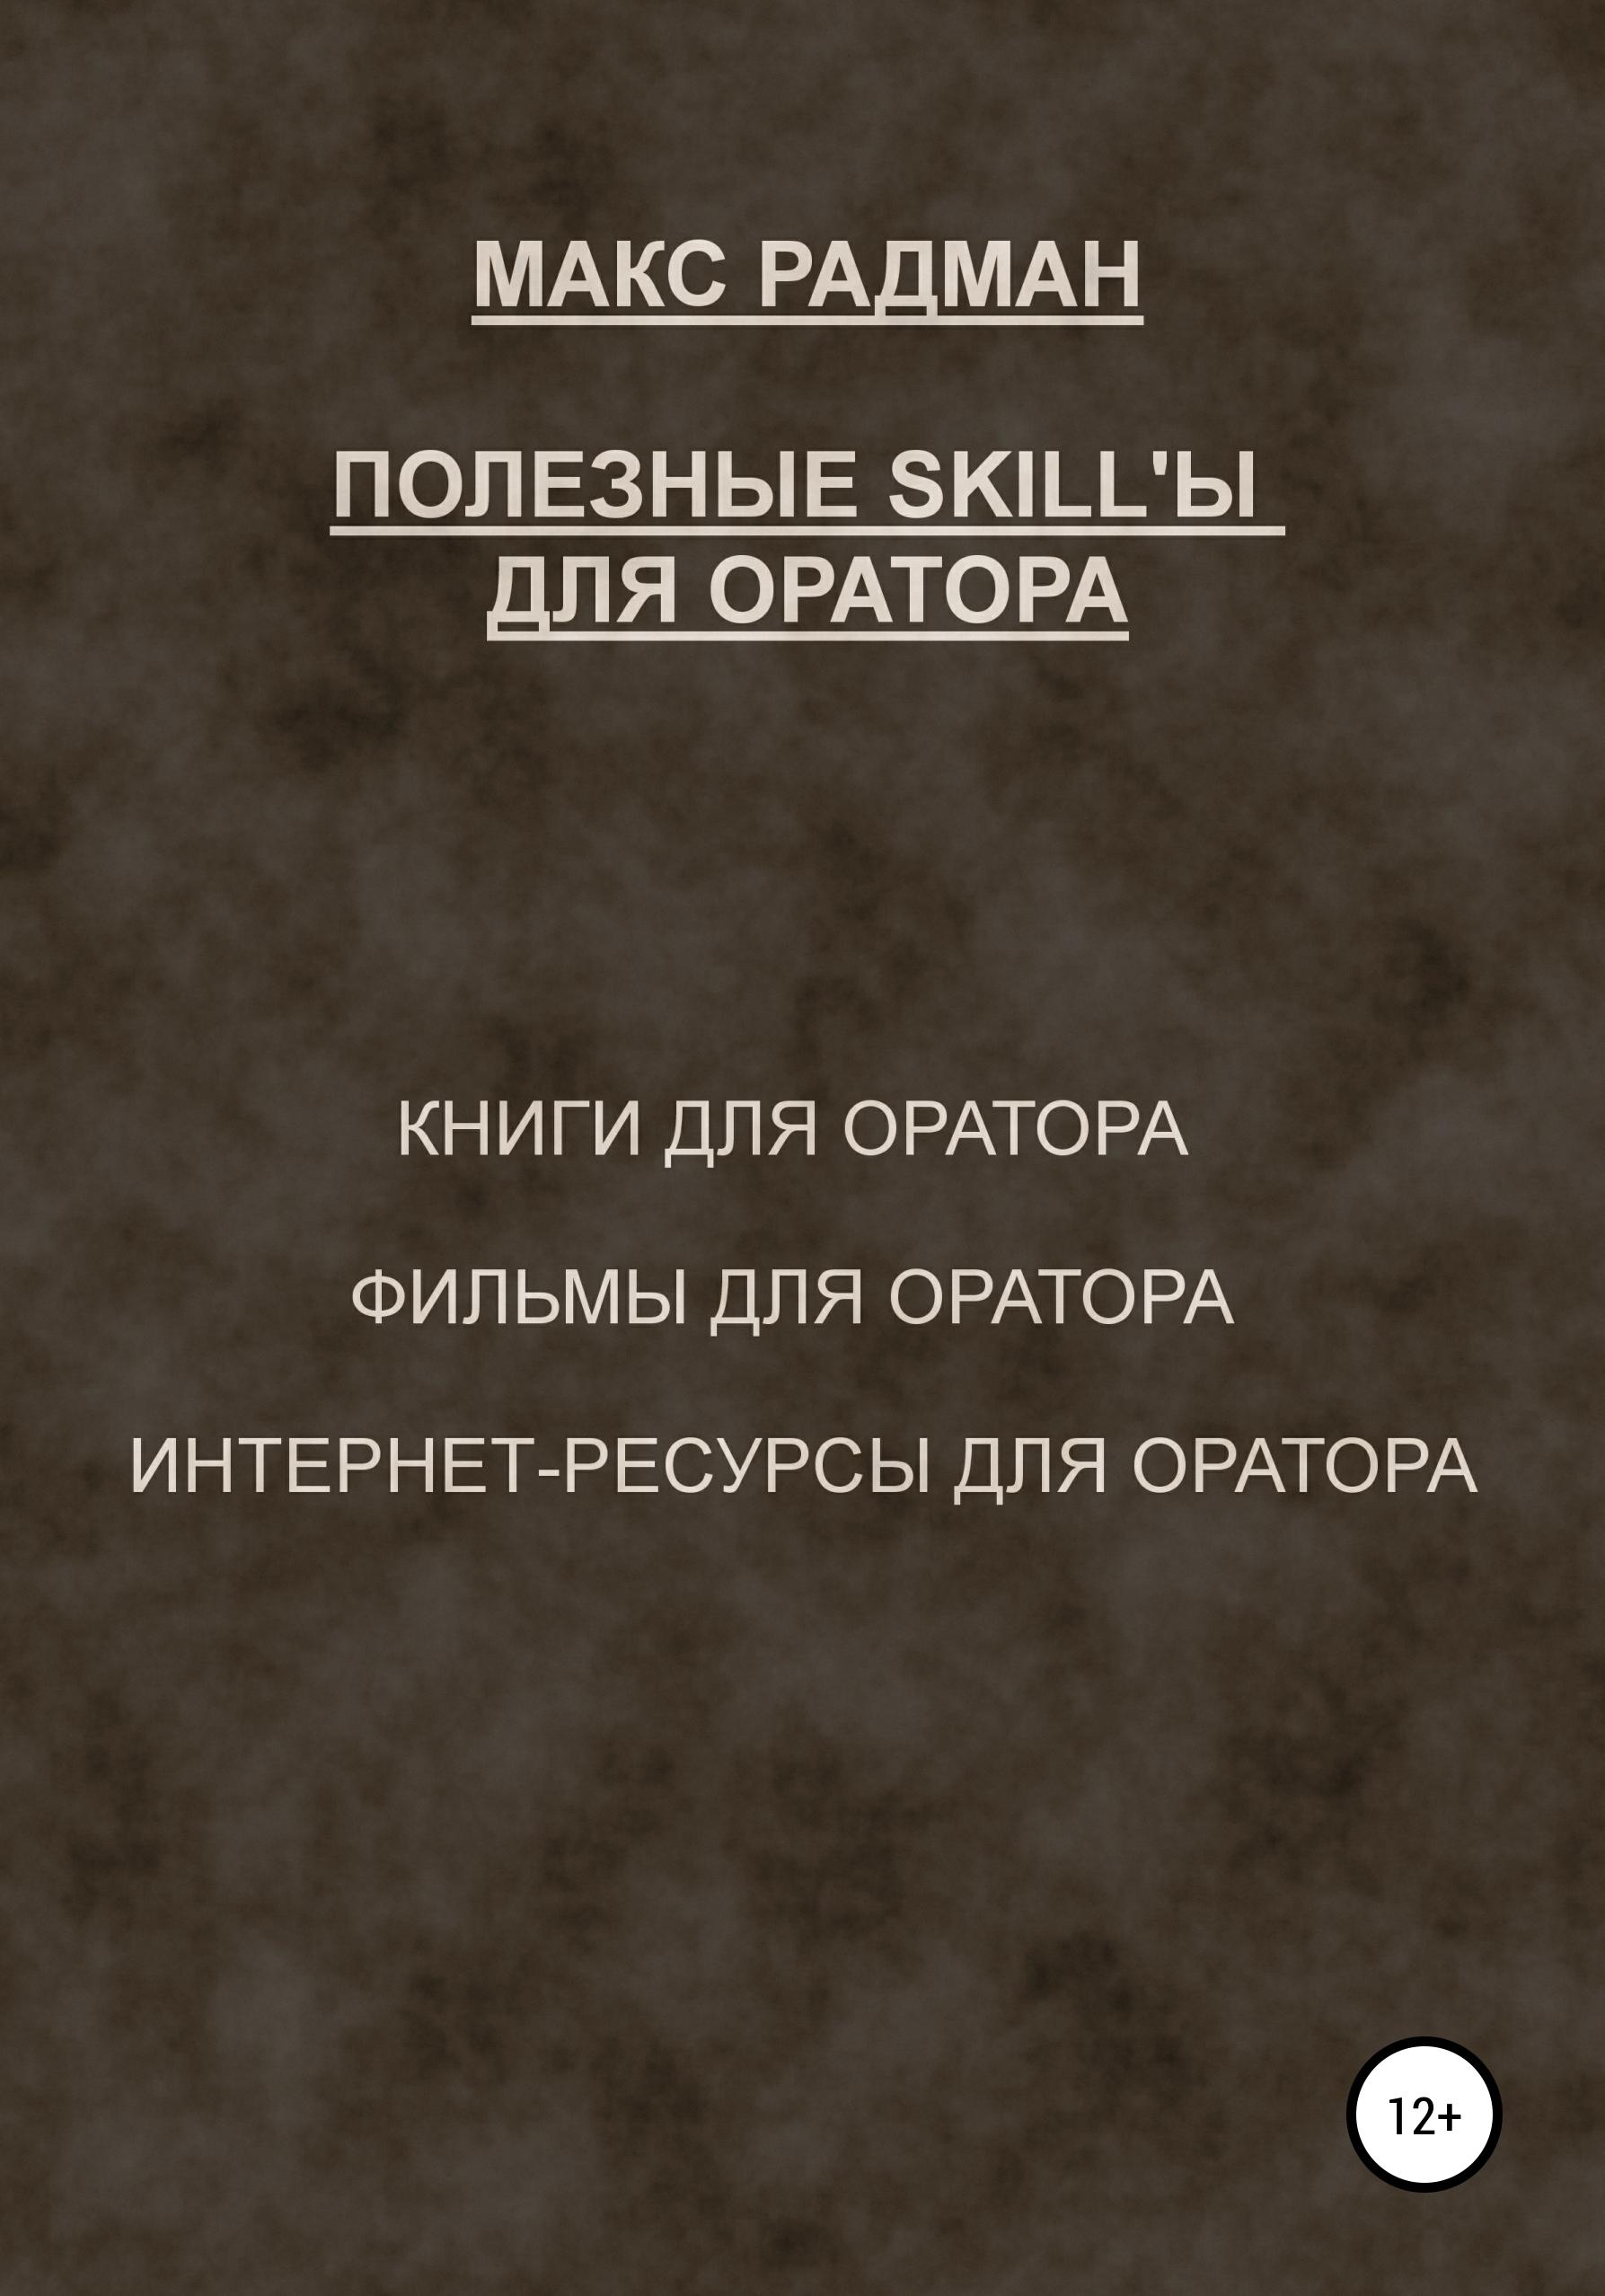 Купить книгу Полезные skill'ы для оратора, автора Макса Радмана